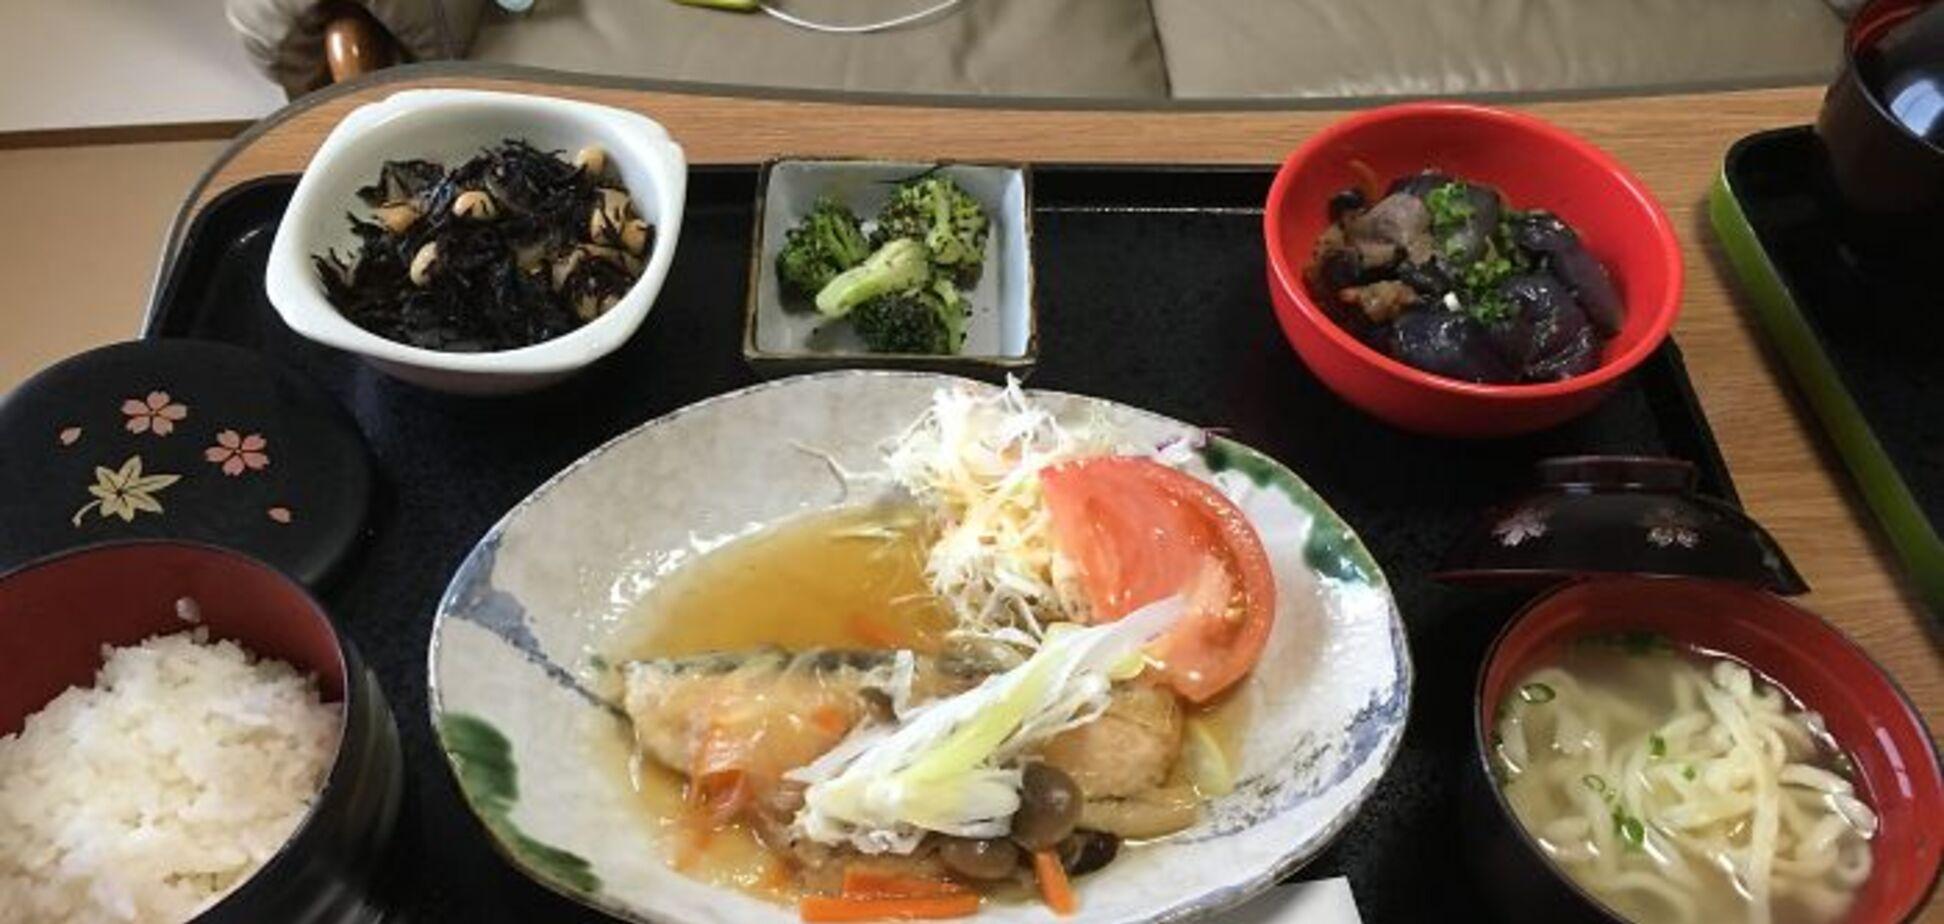 Сім страв за раз: іноземка показала, як годують у пологових будинках Токіо